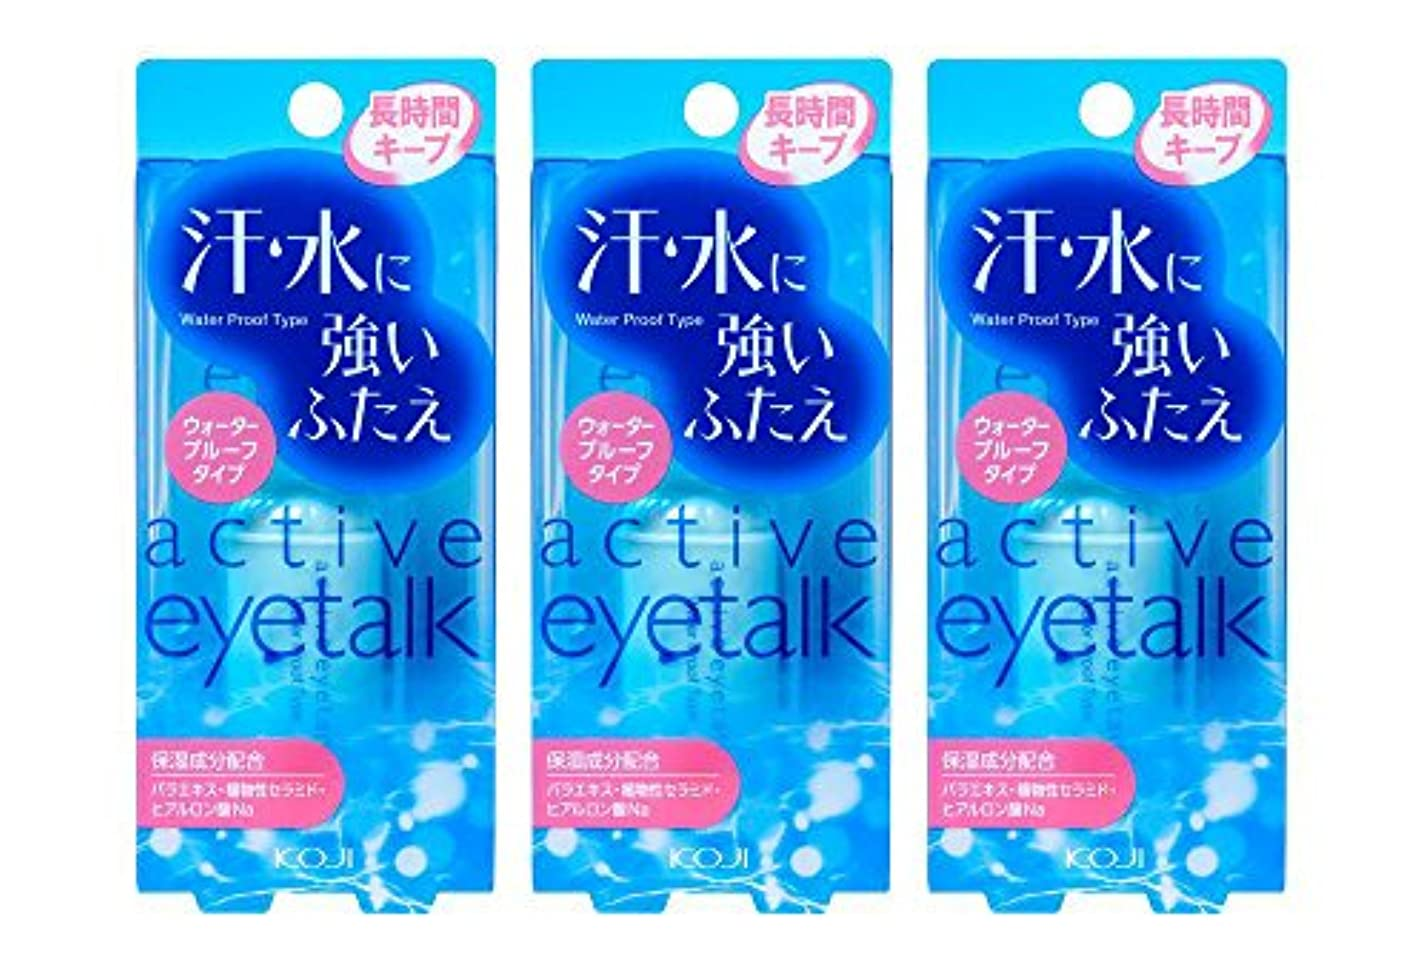 昇進略奪円周コージー アクティブアイトーク2 2ET0750 (ふたえまぶた用化粧品) 3個セット